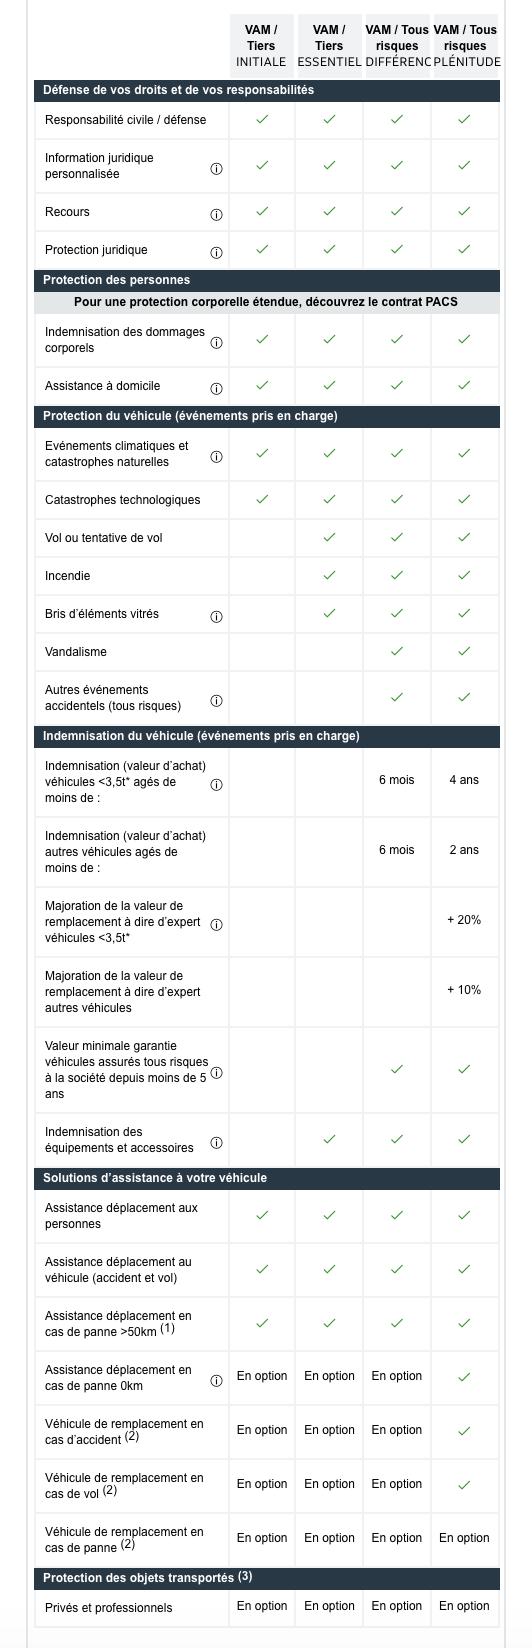 Tableau de comparaison des garanties auto Maif pour les formules Initiale, Essentiel, Différence et Plénitude)